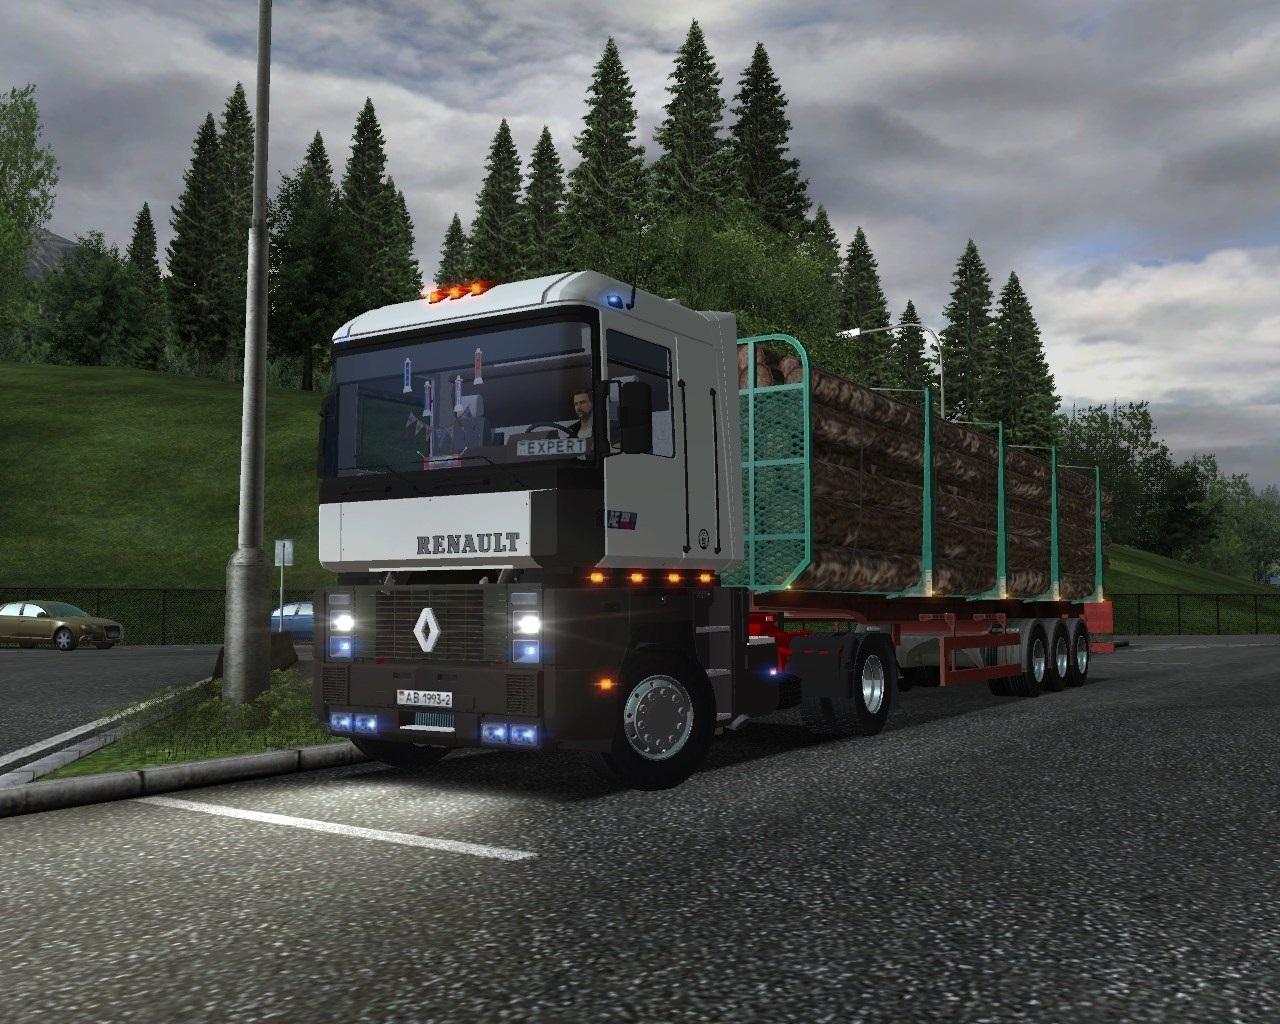 13951 Hintergrundbild herunterladen Transport, Renault - Bildschirmschoner und Bilder kostenlos